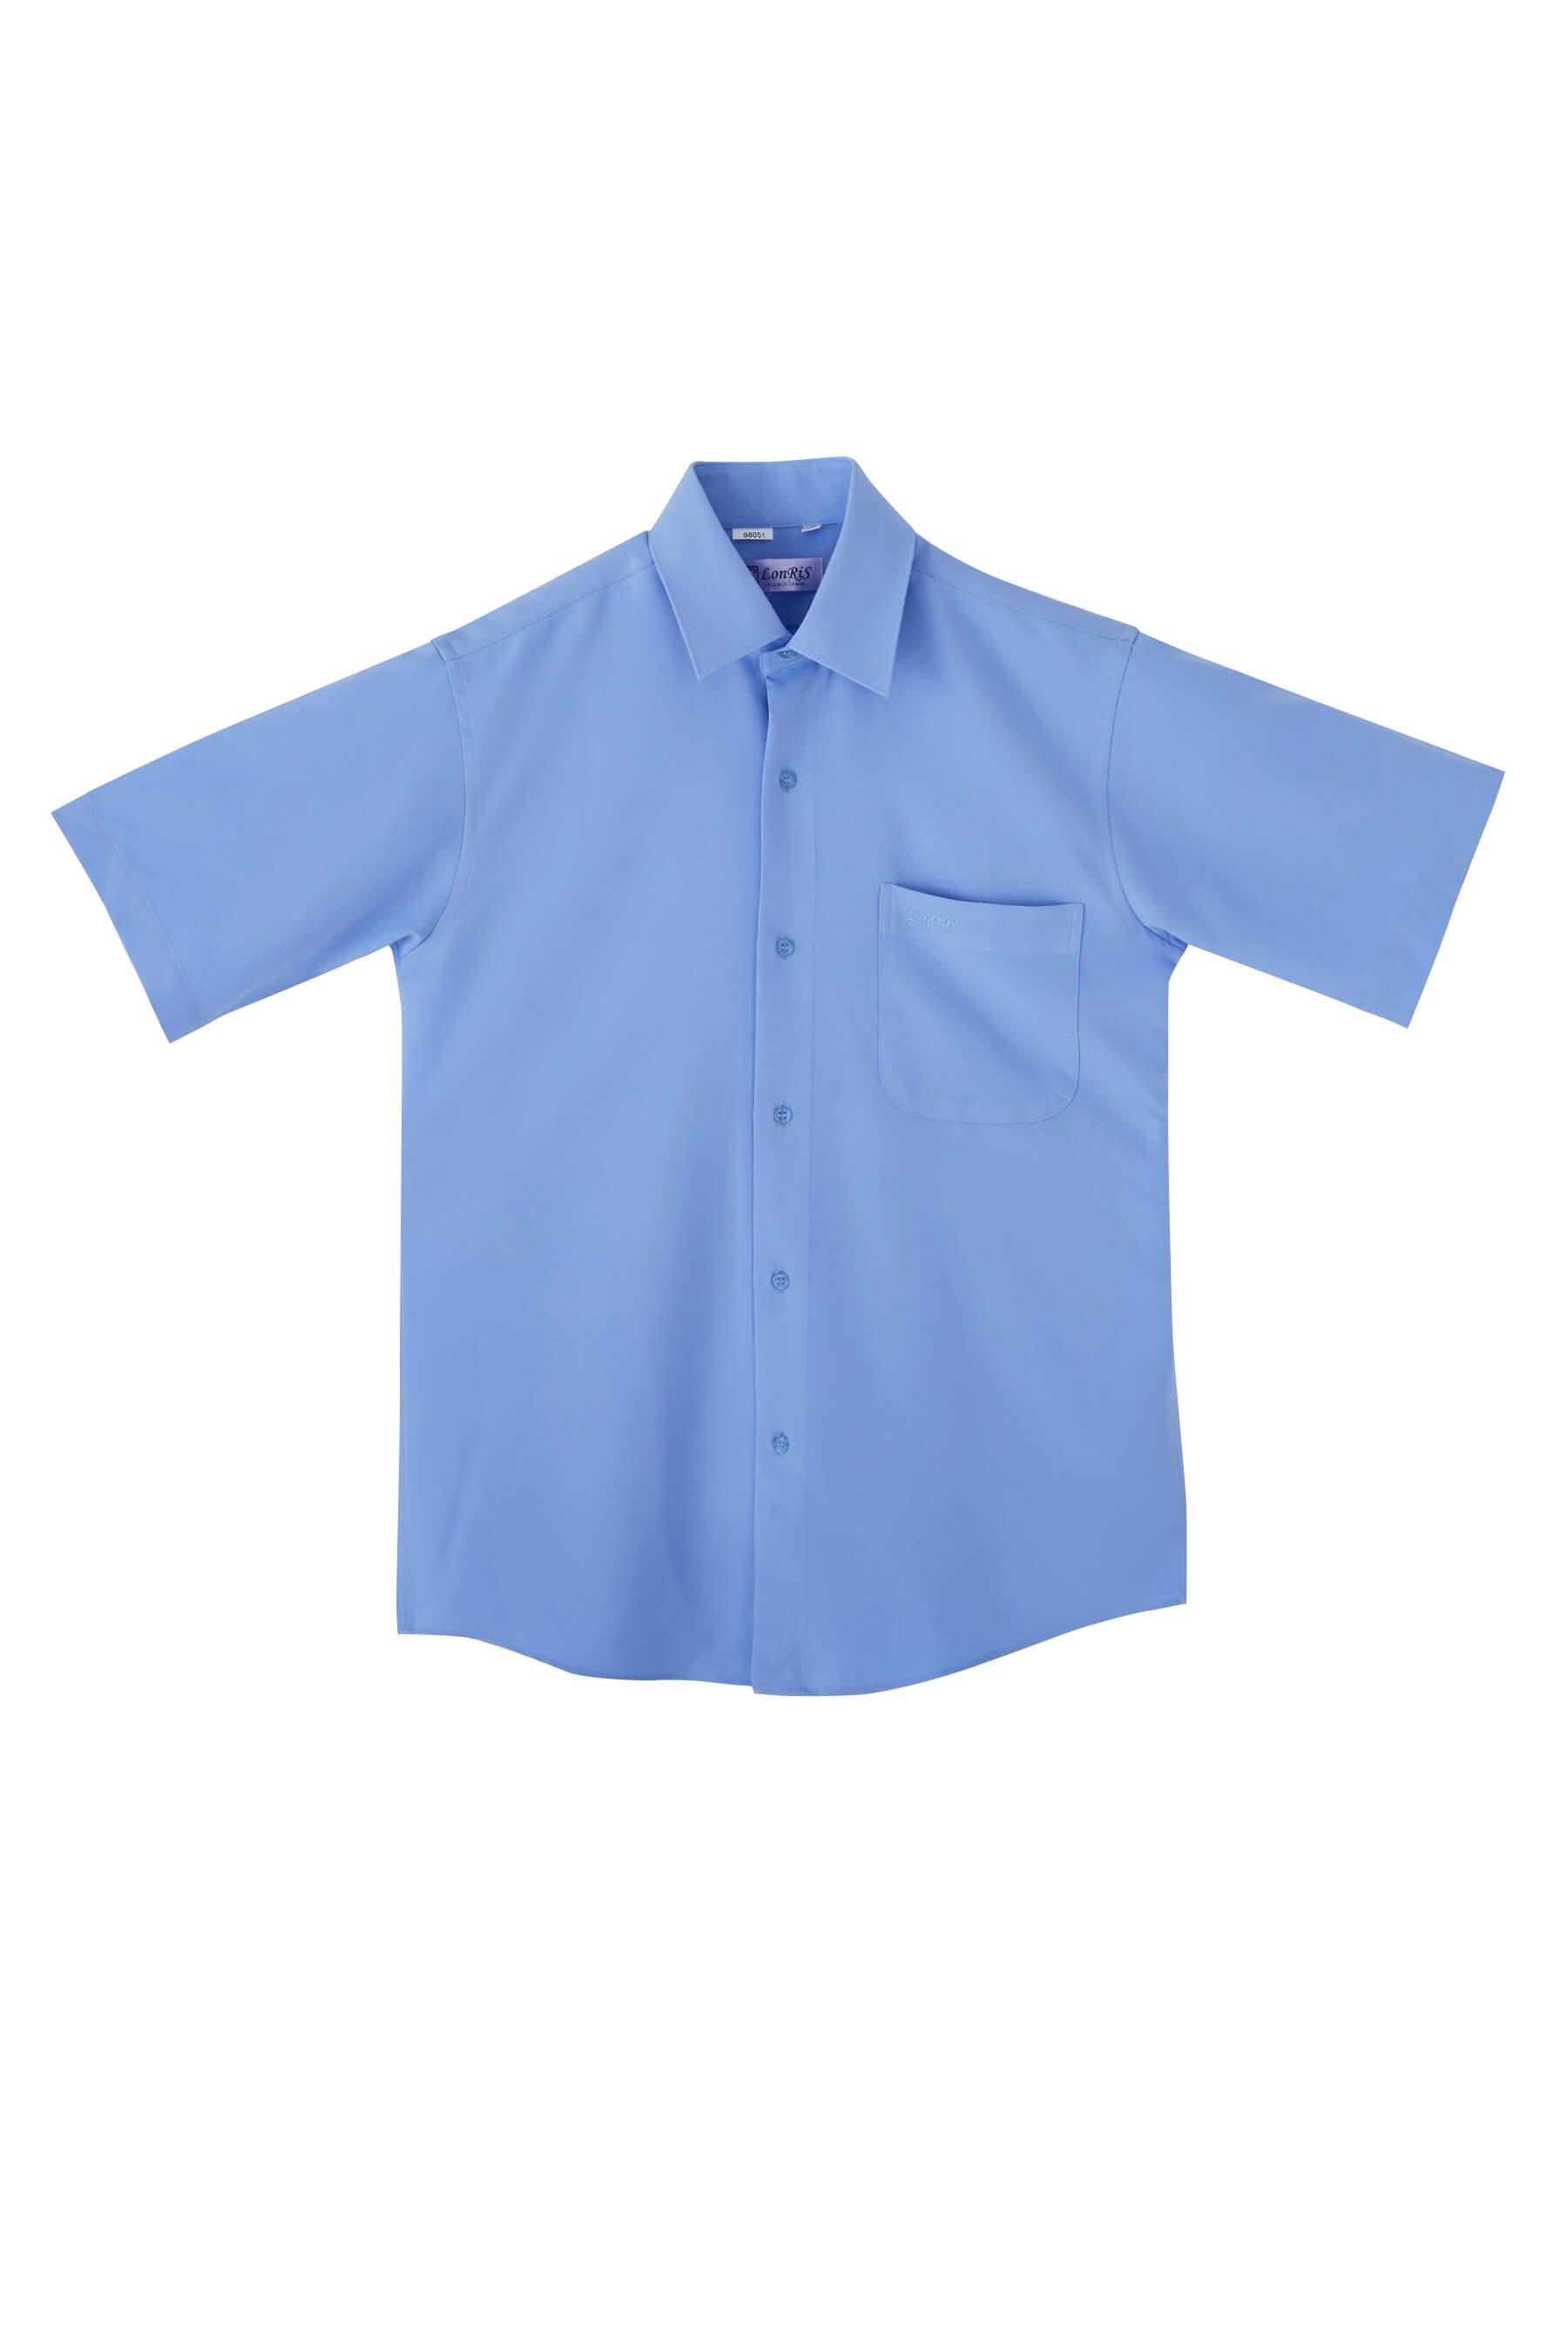 水藍色素面短袖襯衫/抗皺 吸濕排汗